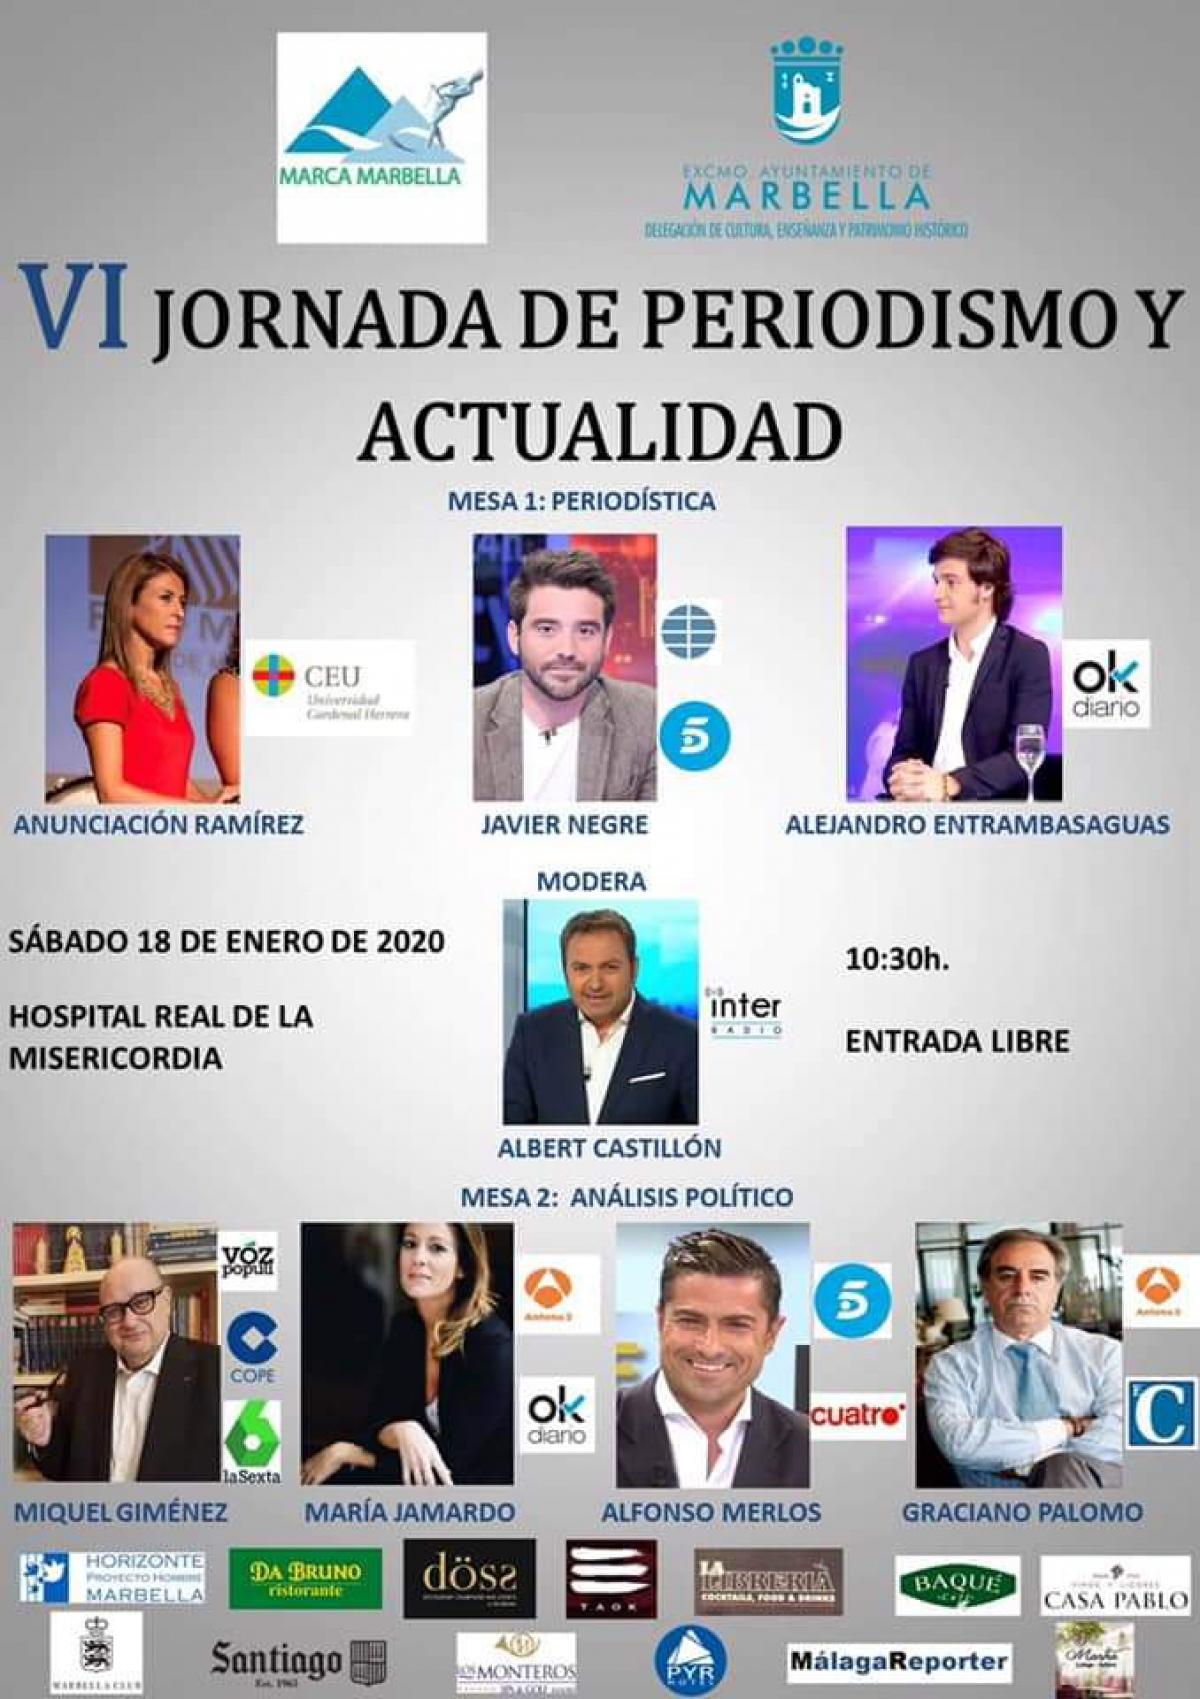 El próximo sábado 18 de enero tendrá lugar la VI Jornada de Periodismo y Actualidad